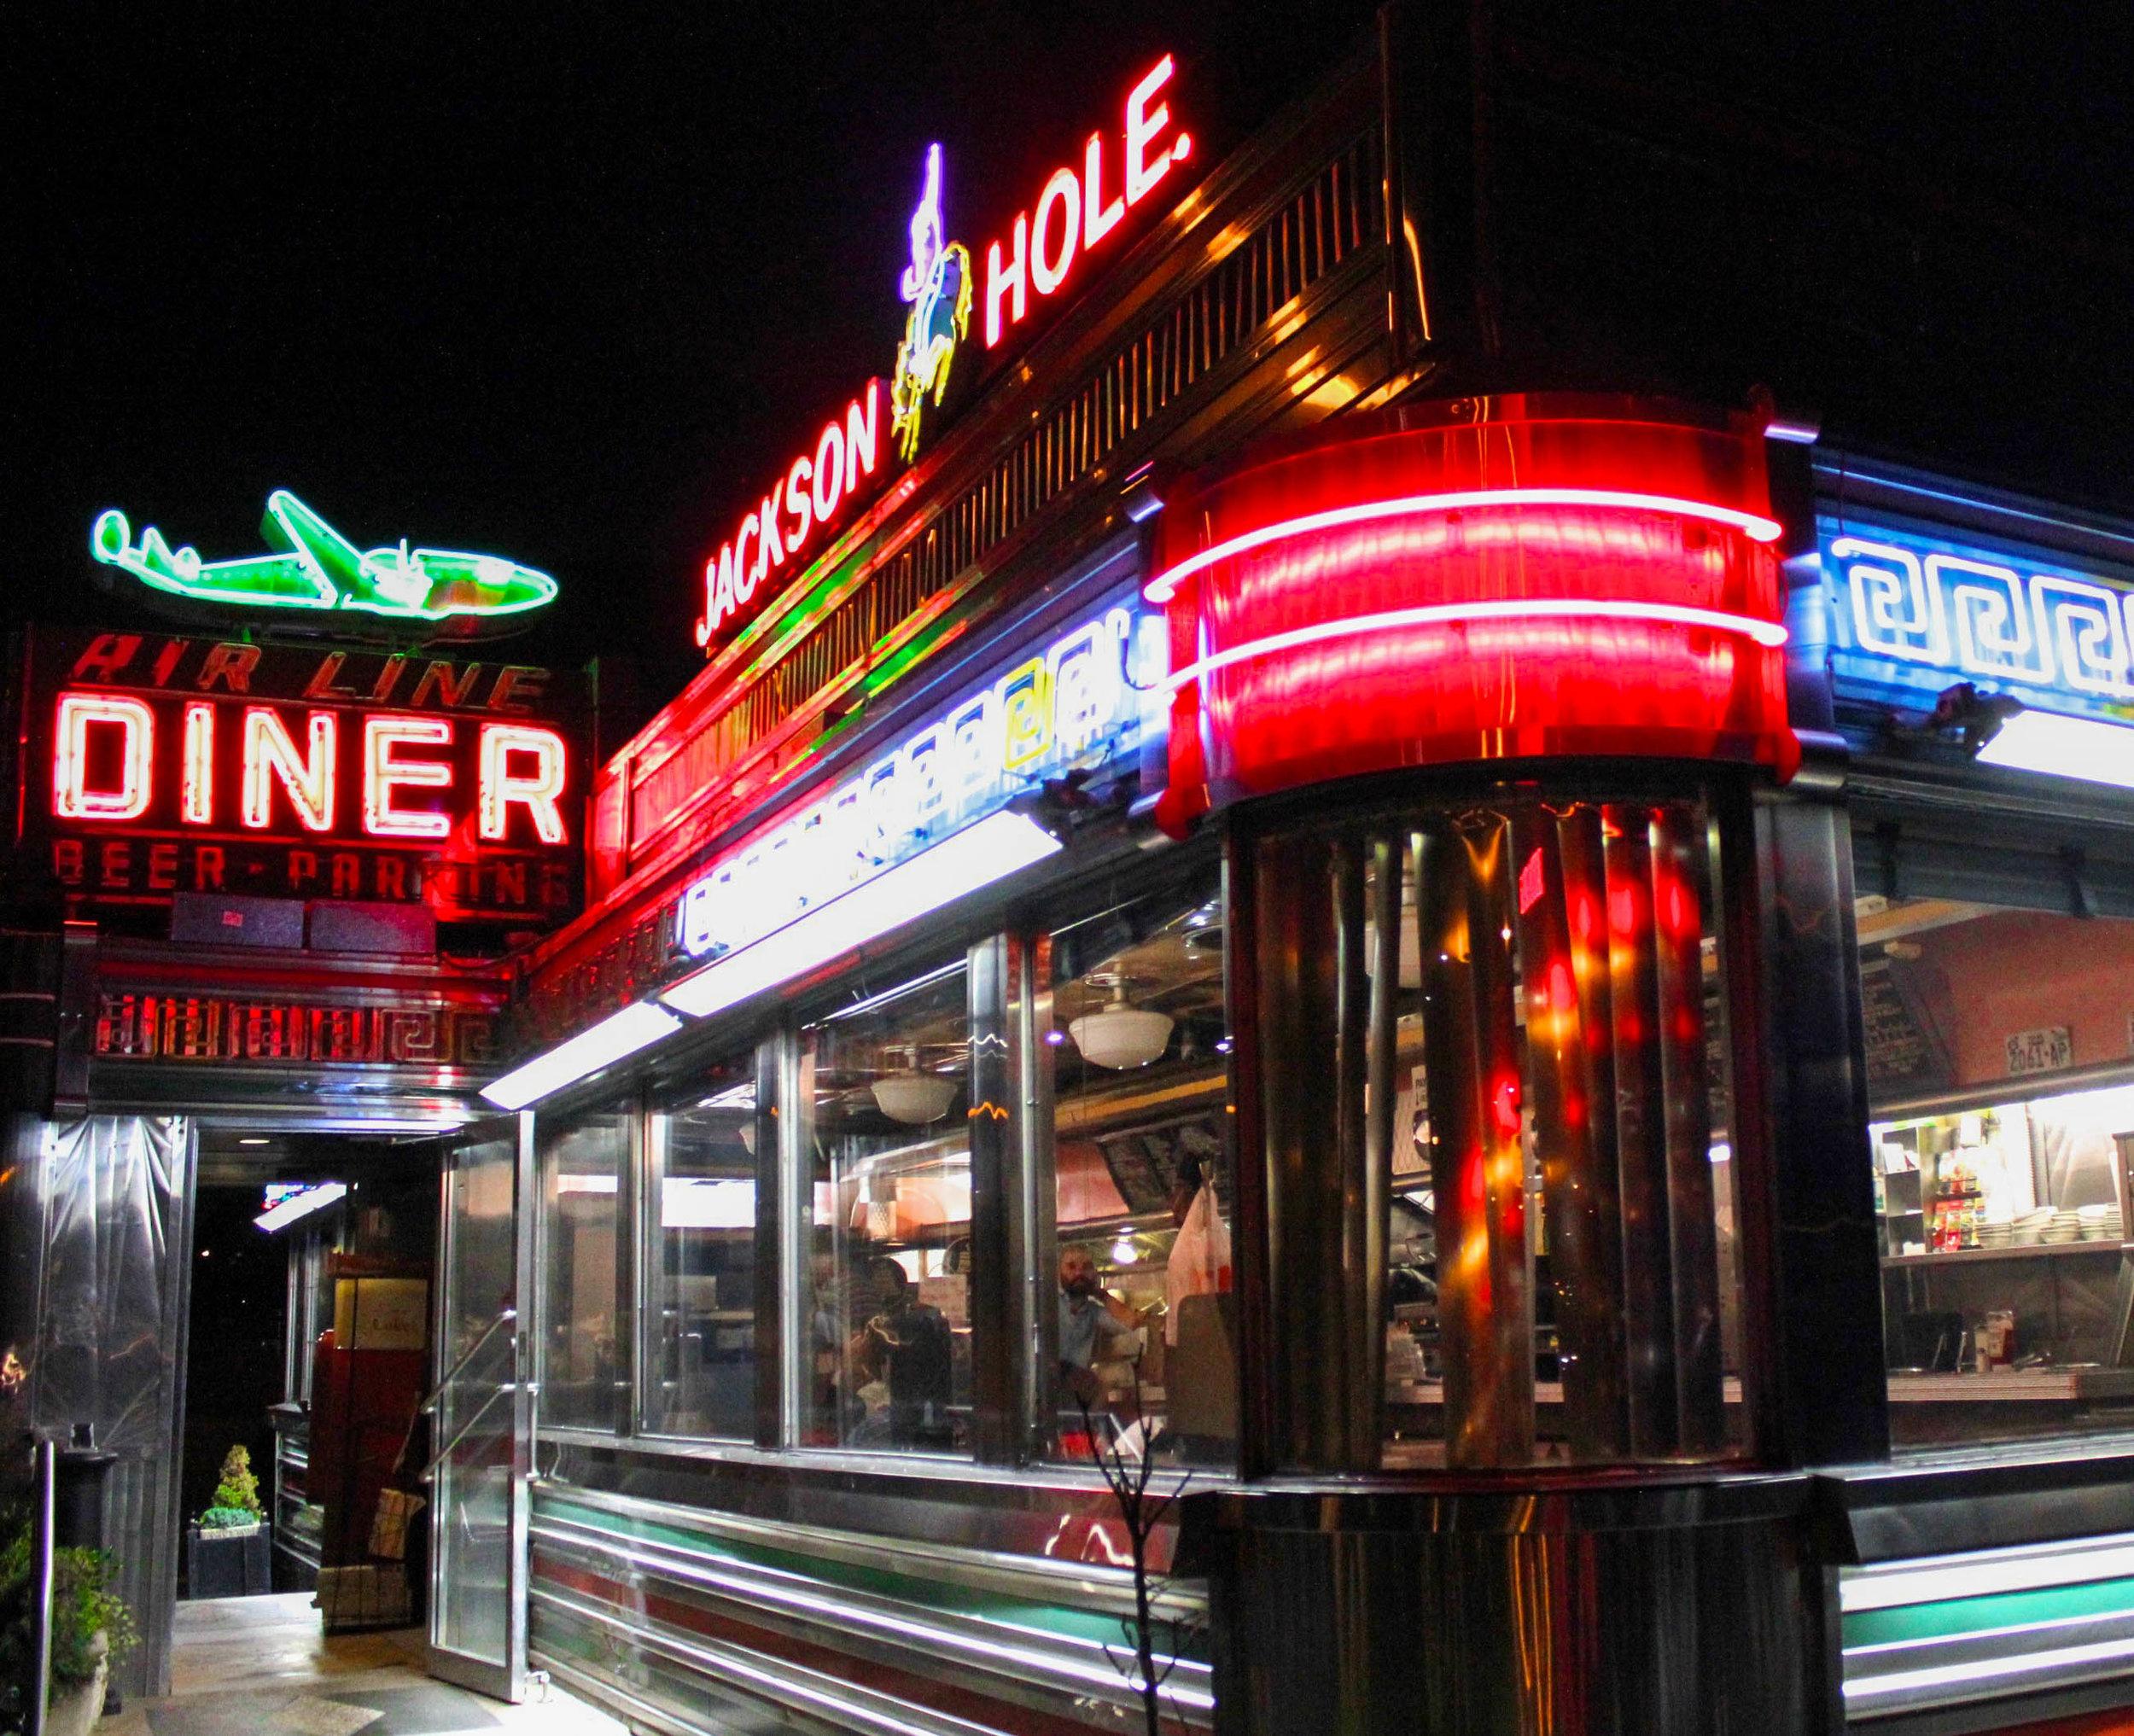 Airline Diner2-New York.jpg